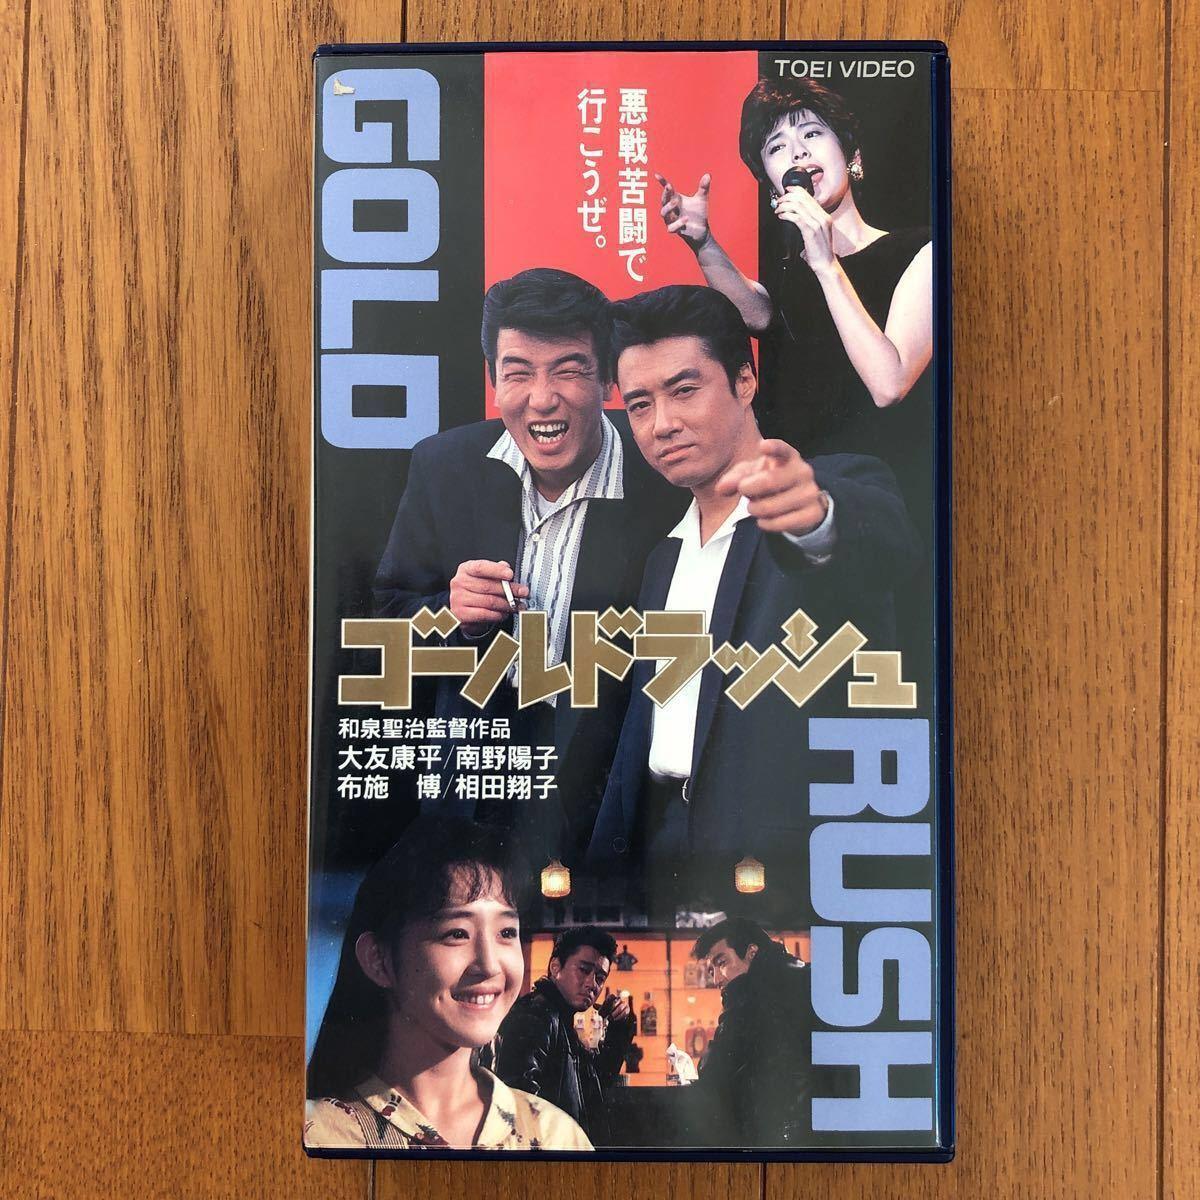 ゴールドラッシュ ビデオ VHS クリームソーダ ピンクドラゴン 大友康平 布施博 南野陽子 相田翔子